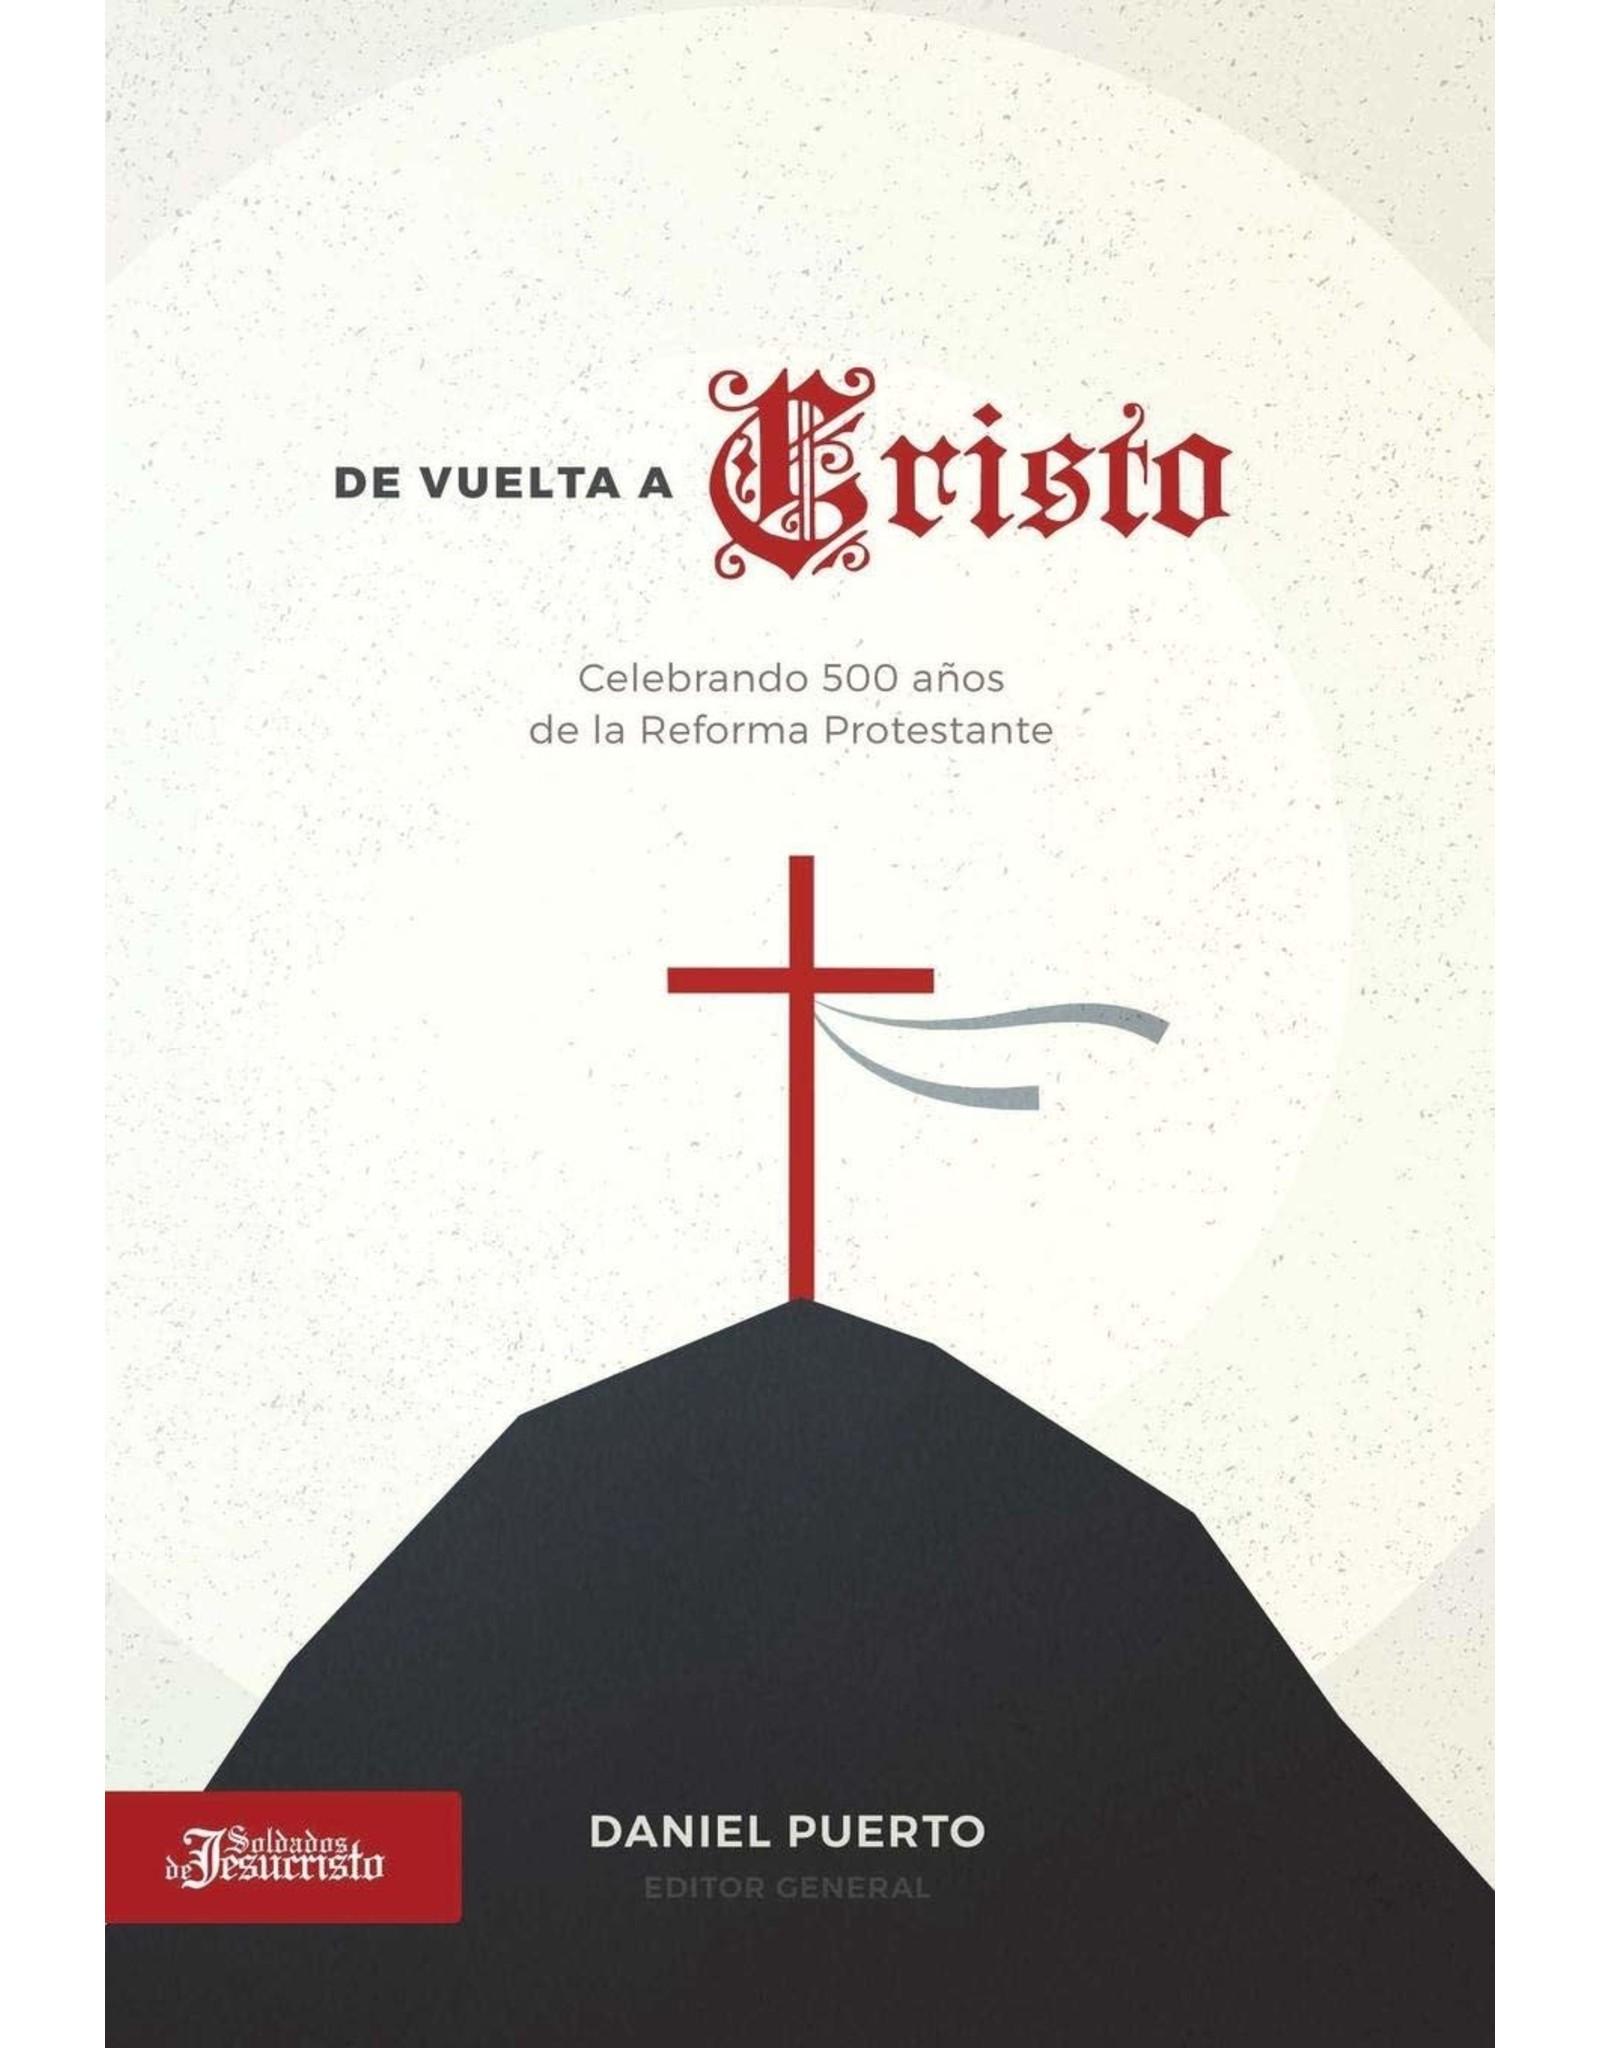 Soldados de Jesus Cristo De Vuelta a Cristo